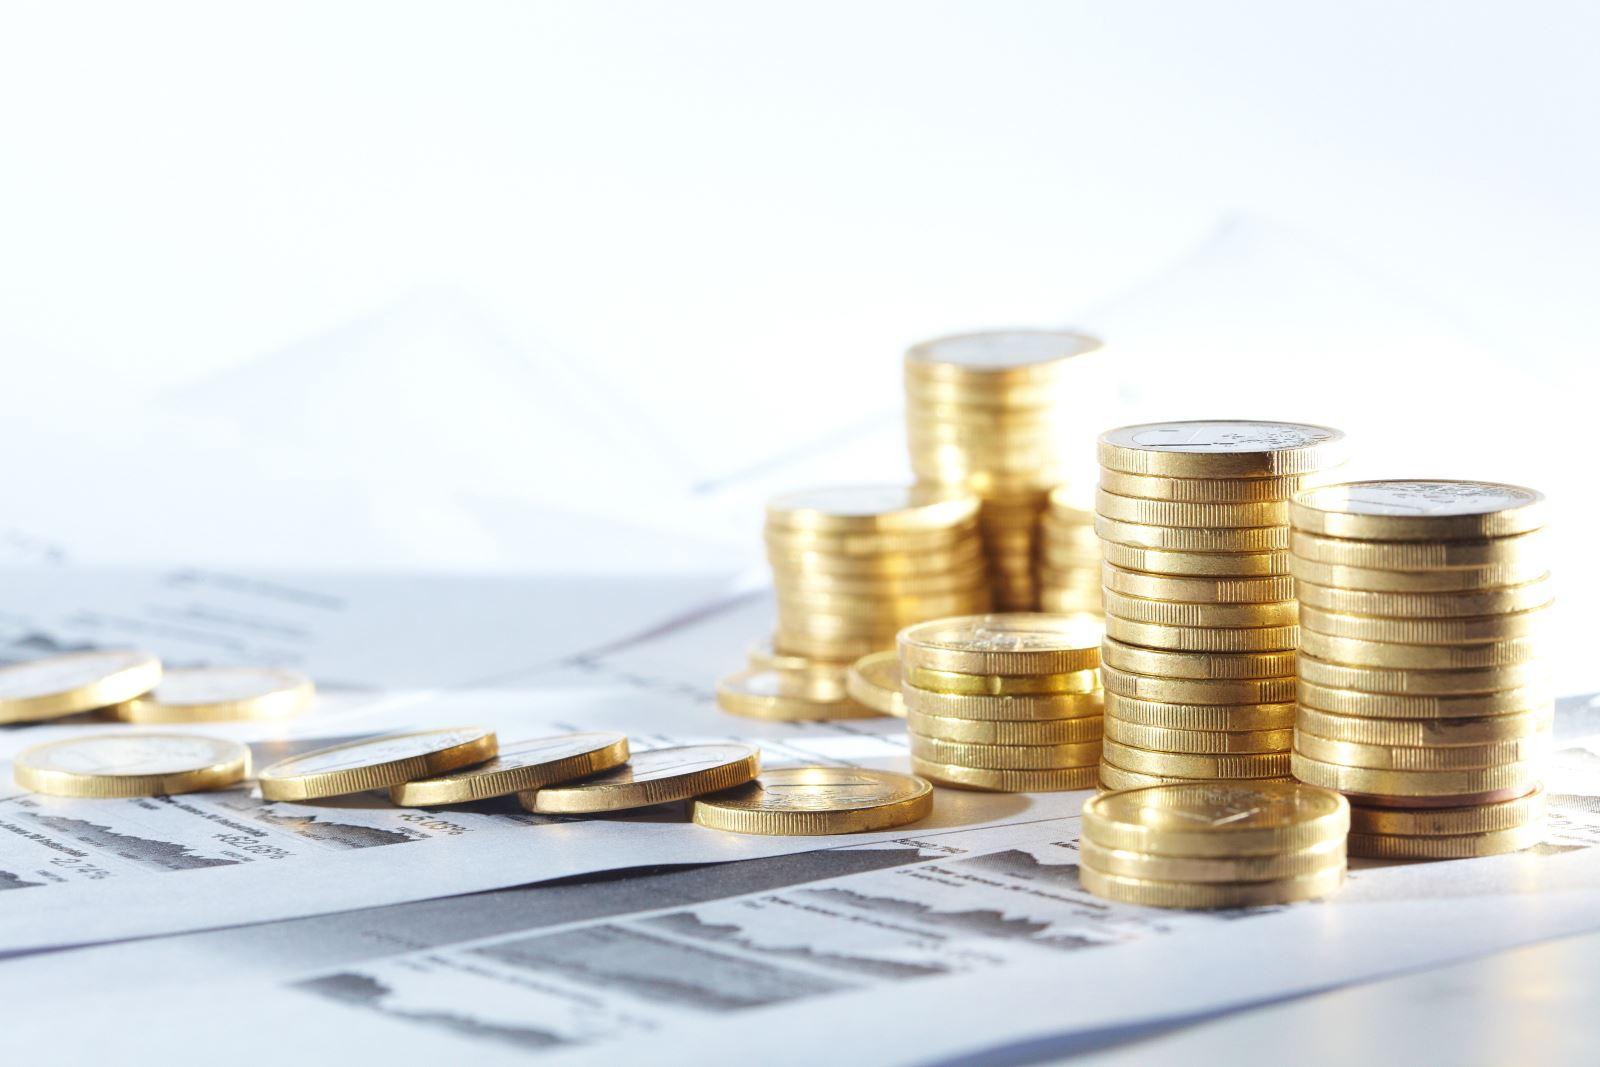 שירותי ניהול כספים - כל מה שחשוב לדעת